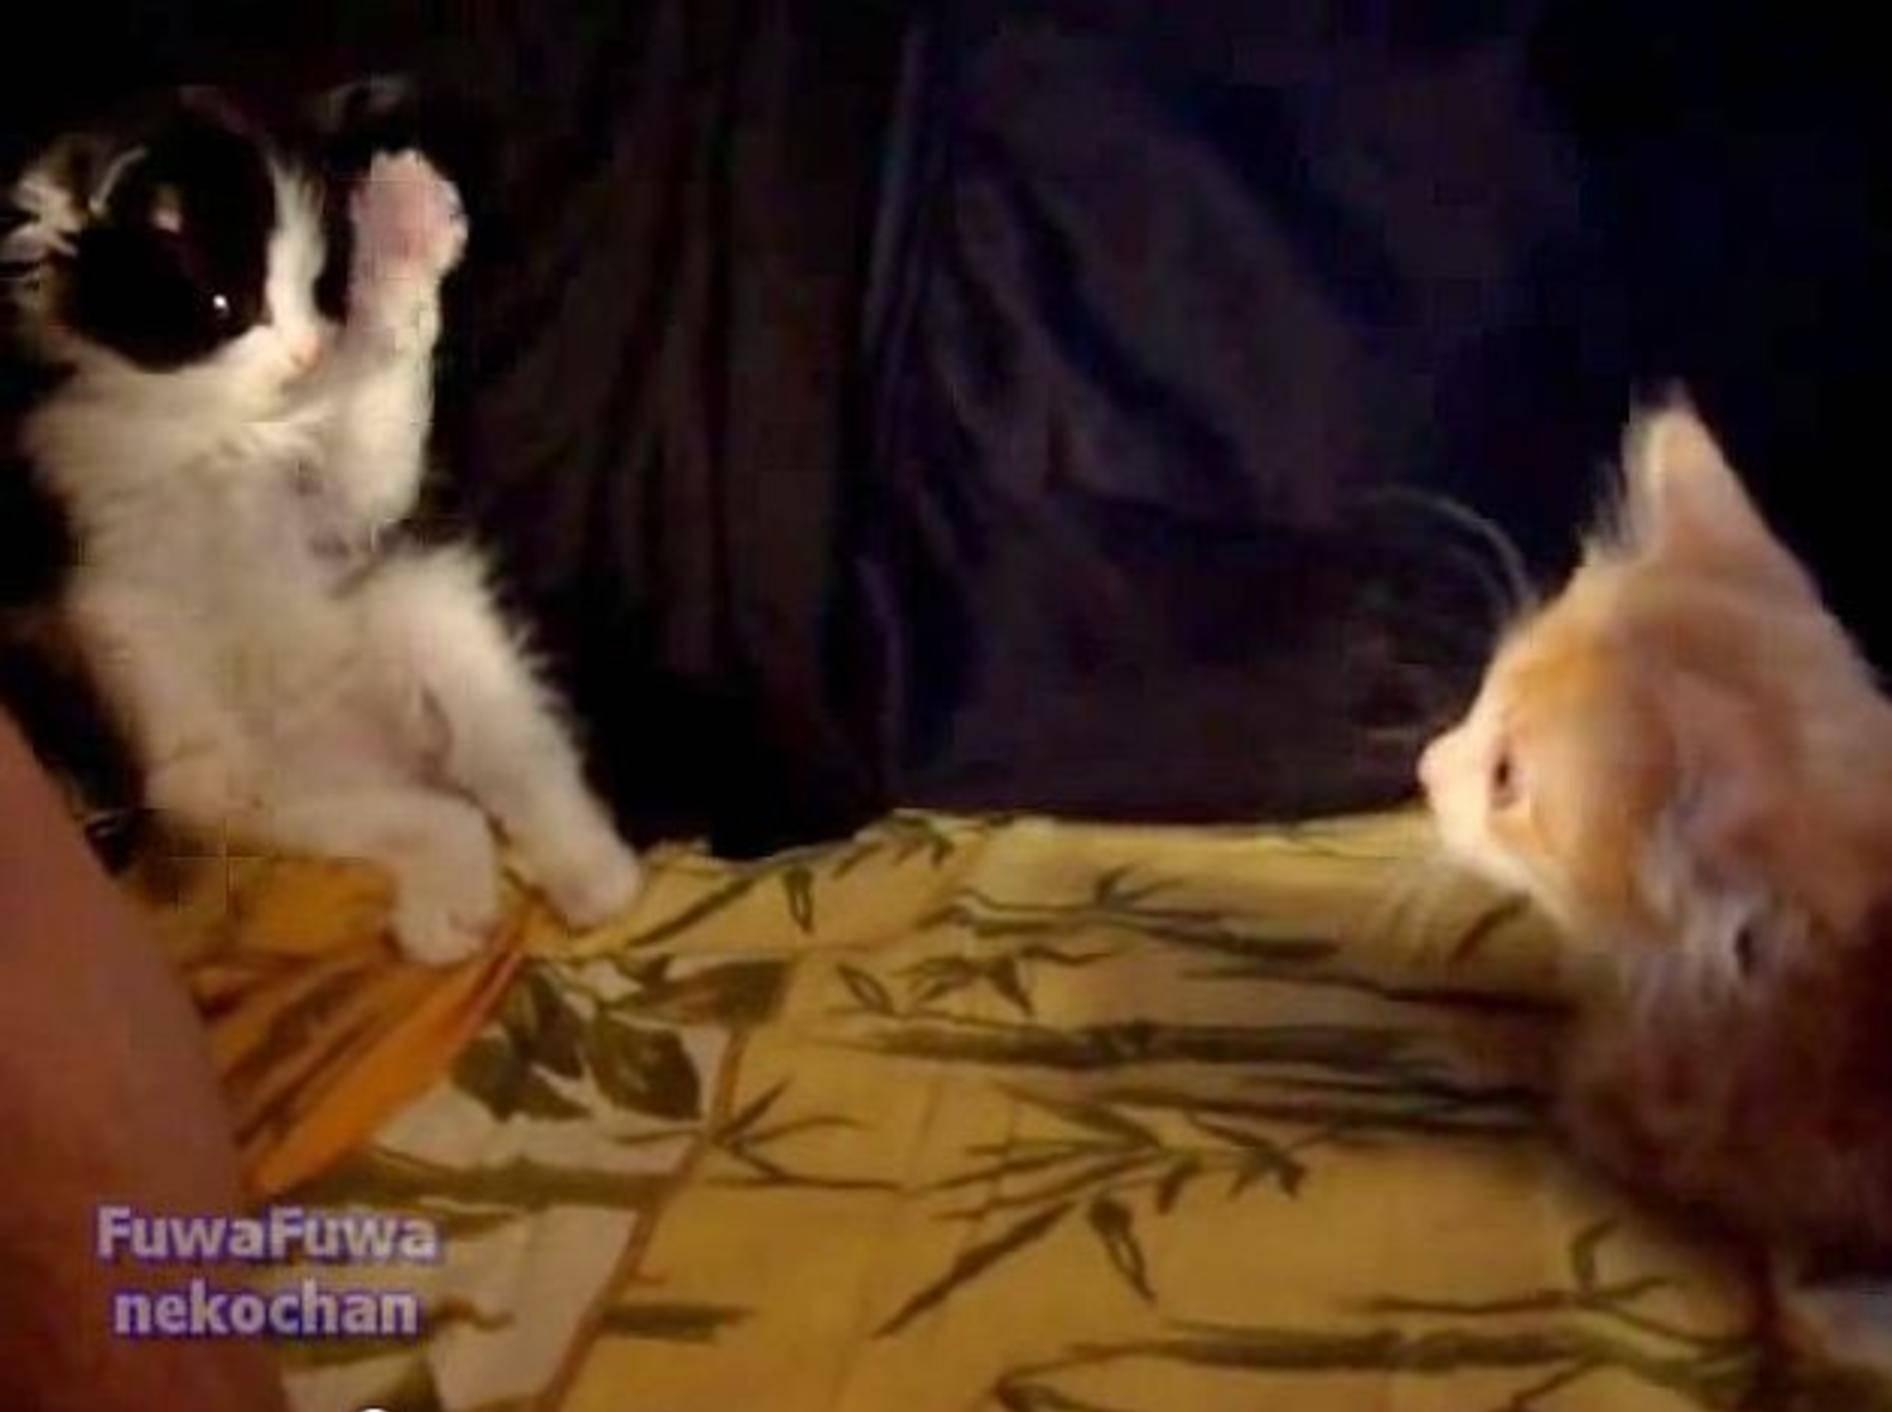 """Flauschiges Kätzchen: """"Komm, spiel mit!!!"""" – Bild: Youtube / fuwafuwanekochan"""